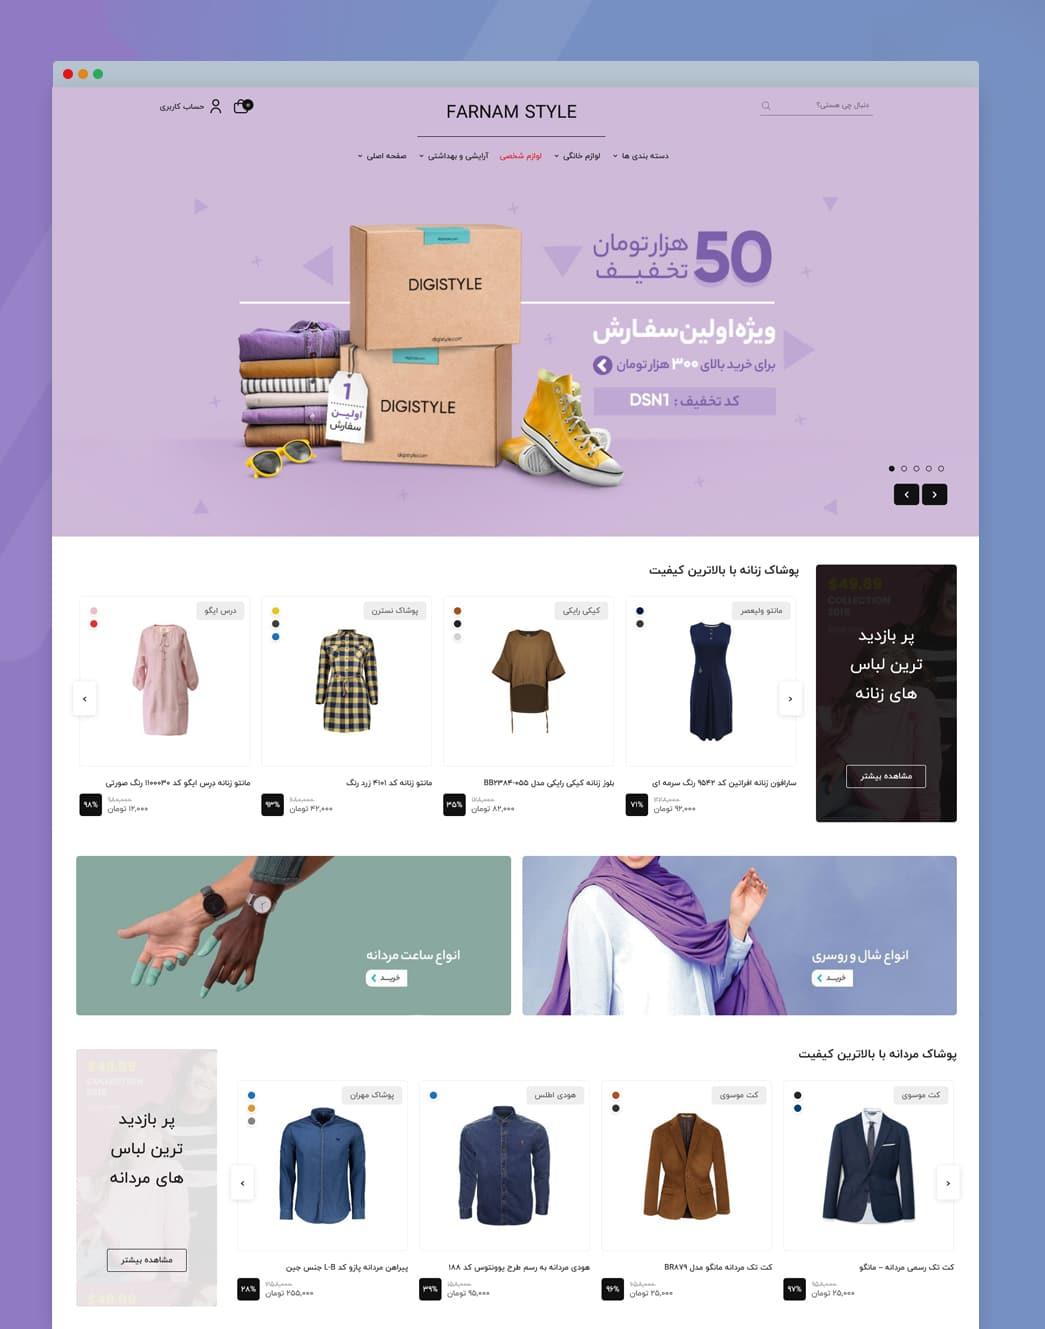 قالب فروشگاهی ووکامرس ایران کالا فرنام - صفحه اصلی دیجی استایل